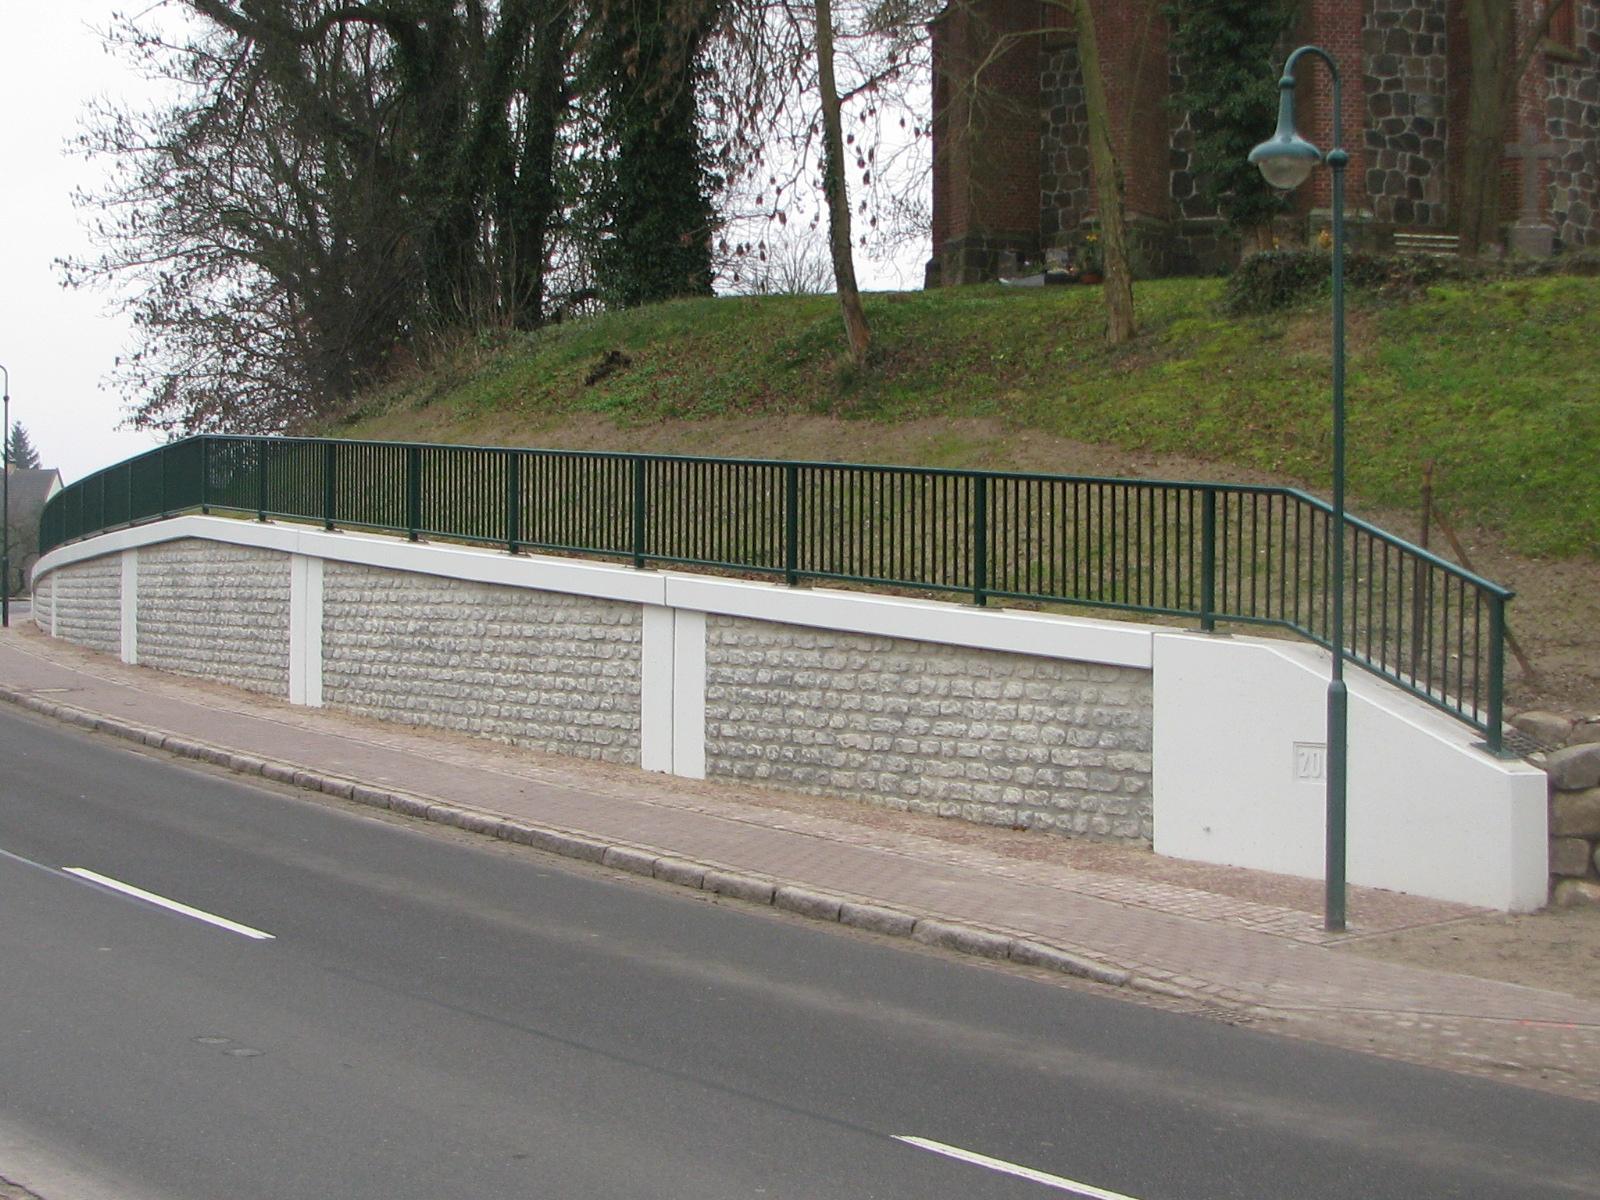 Ersatzneubau einer Stützwand zur Böschungssicherung des Friedhofs- und Kirchgebäudes in Peckatel